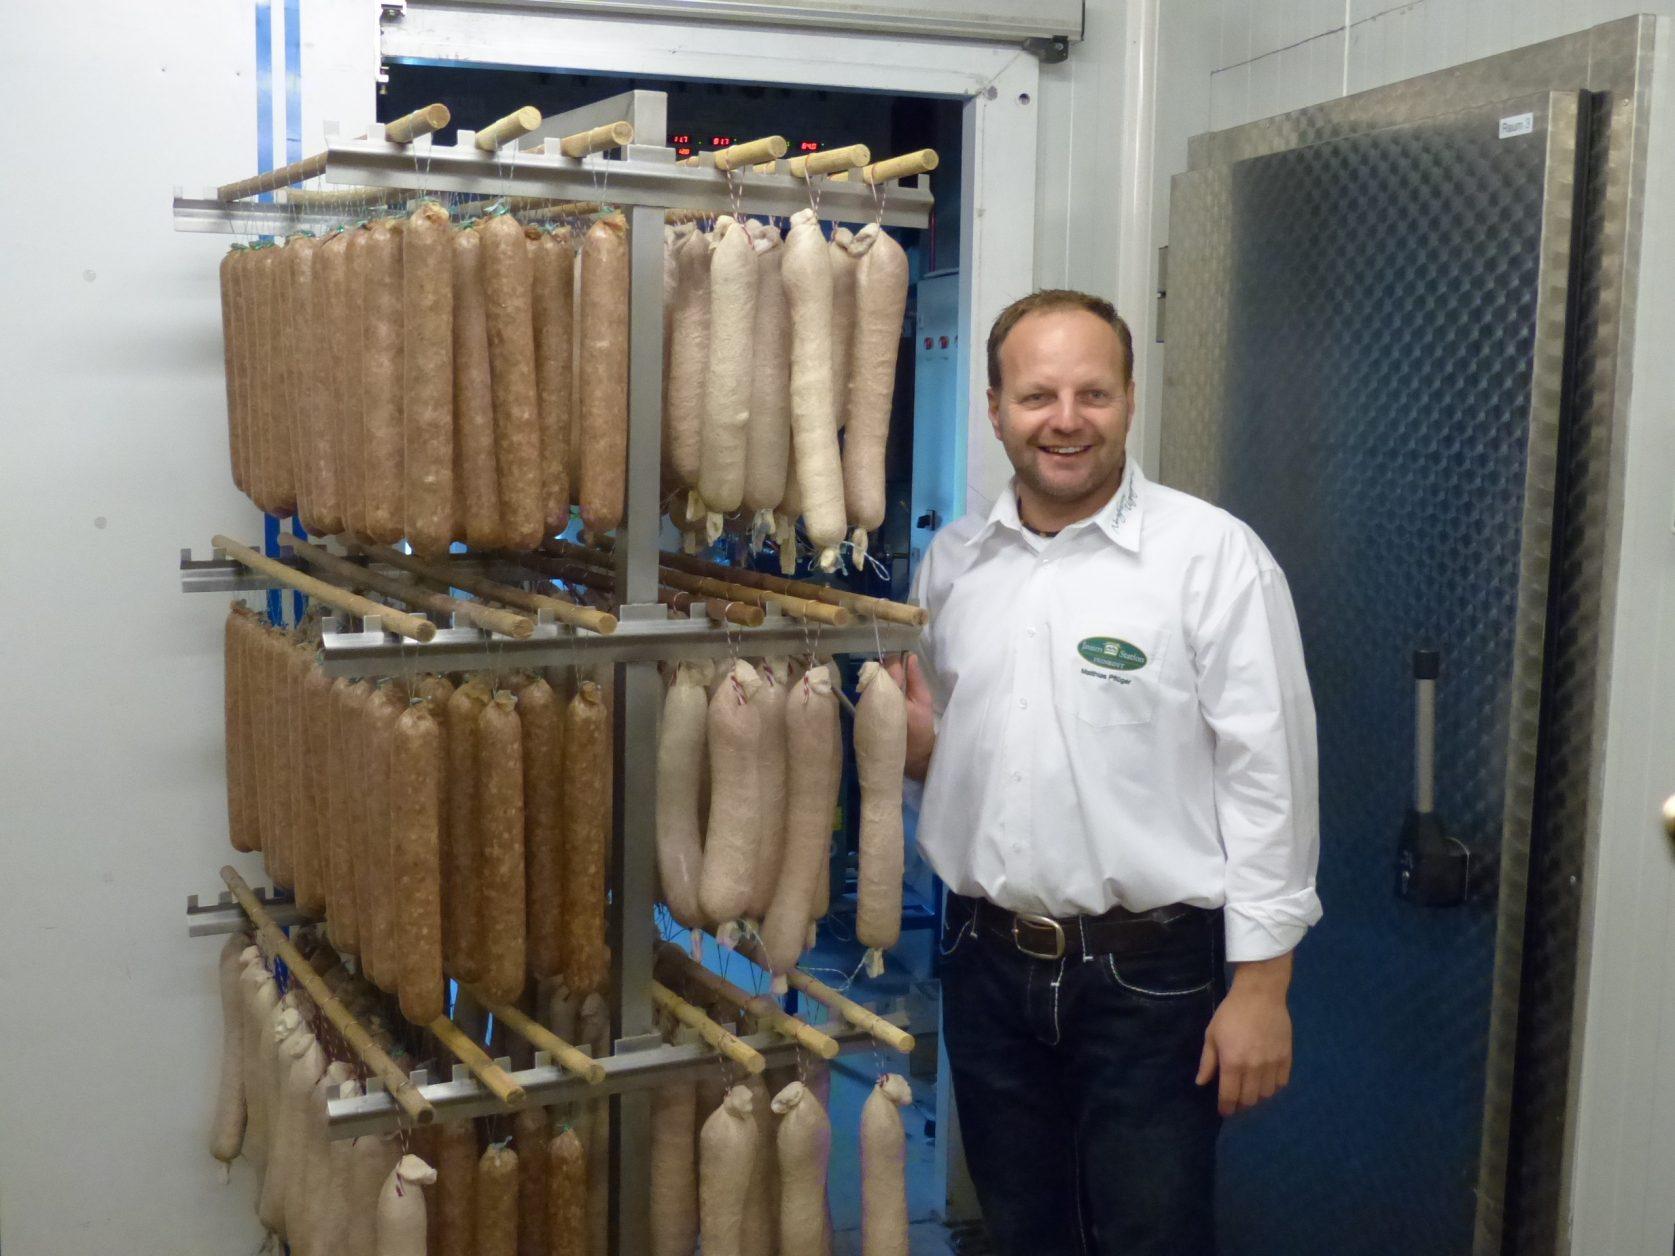 Fleischermeister Matthias Pflüger in der Lehmkammer der Jausenstation © / D.Weirauch